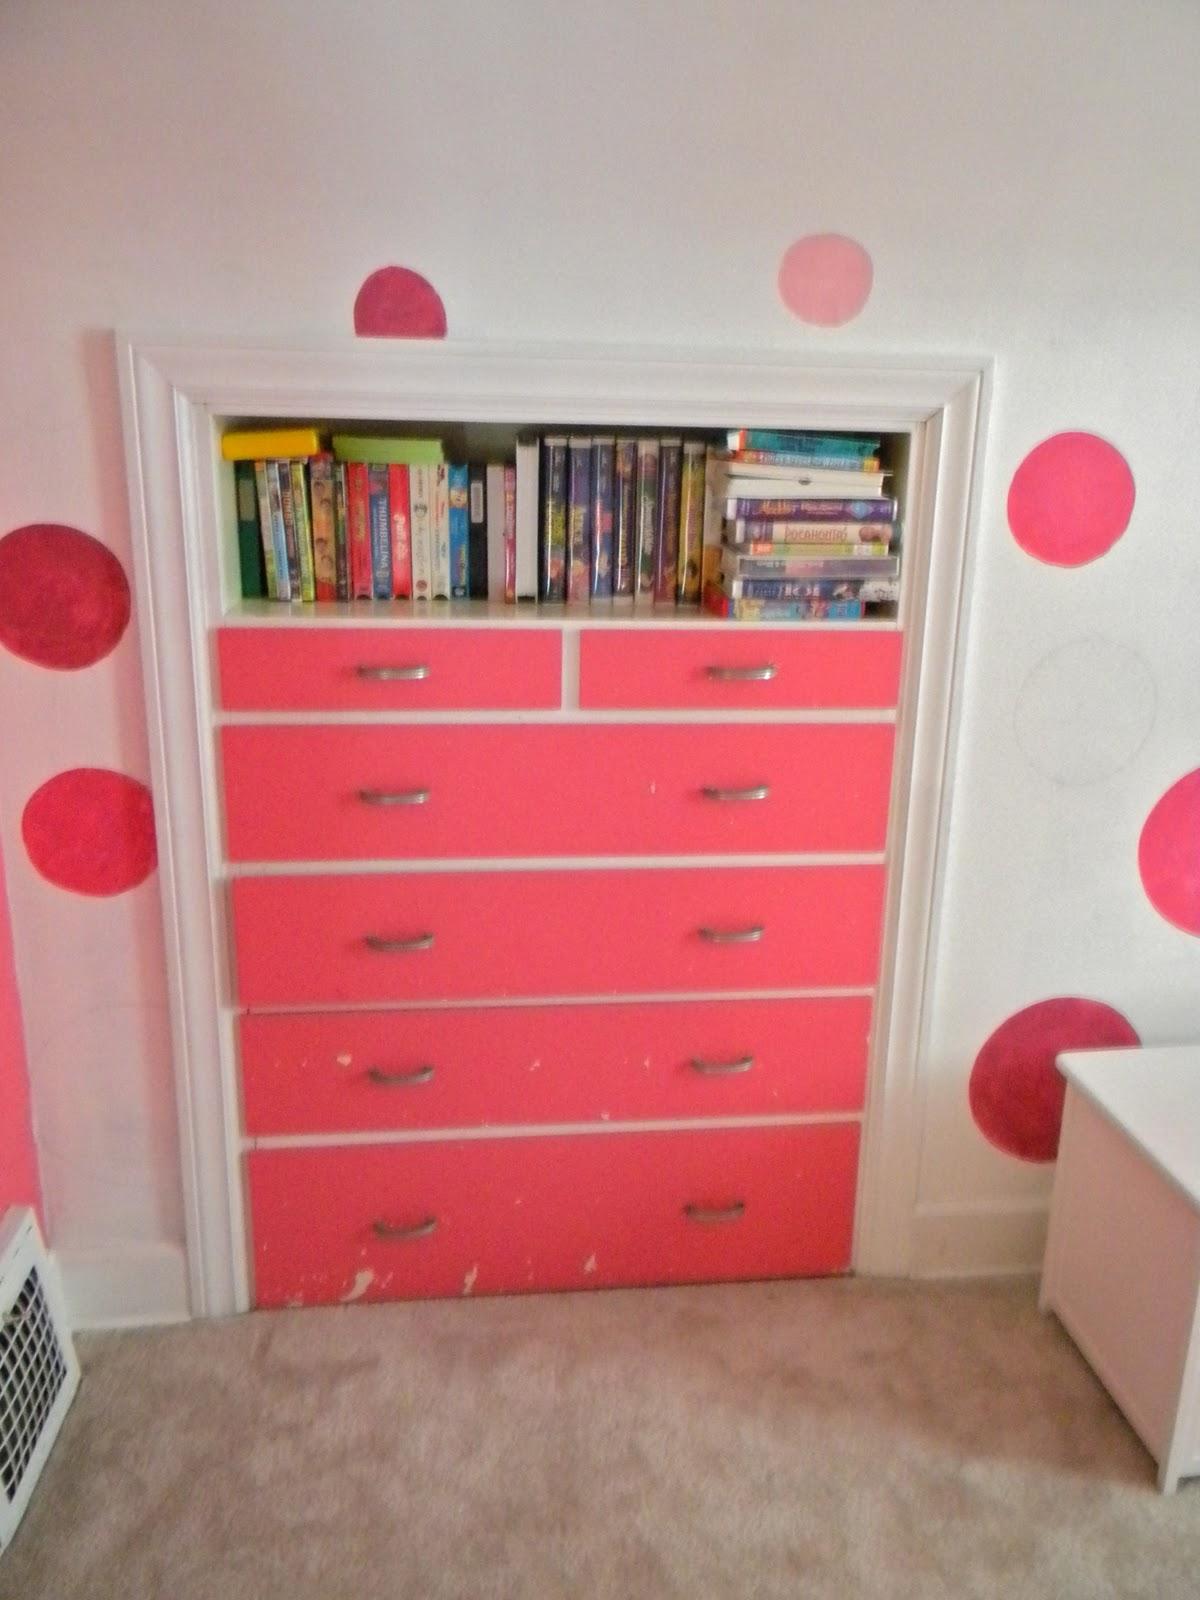 Fingerprints on the fridge little girls bedroom makeover for Bedroom ideas 18 year old